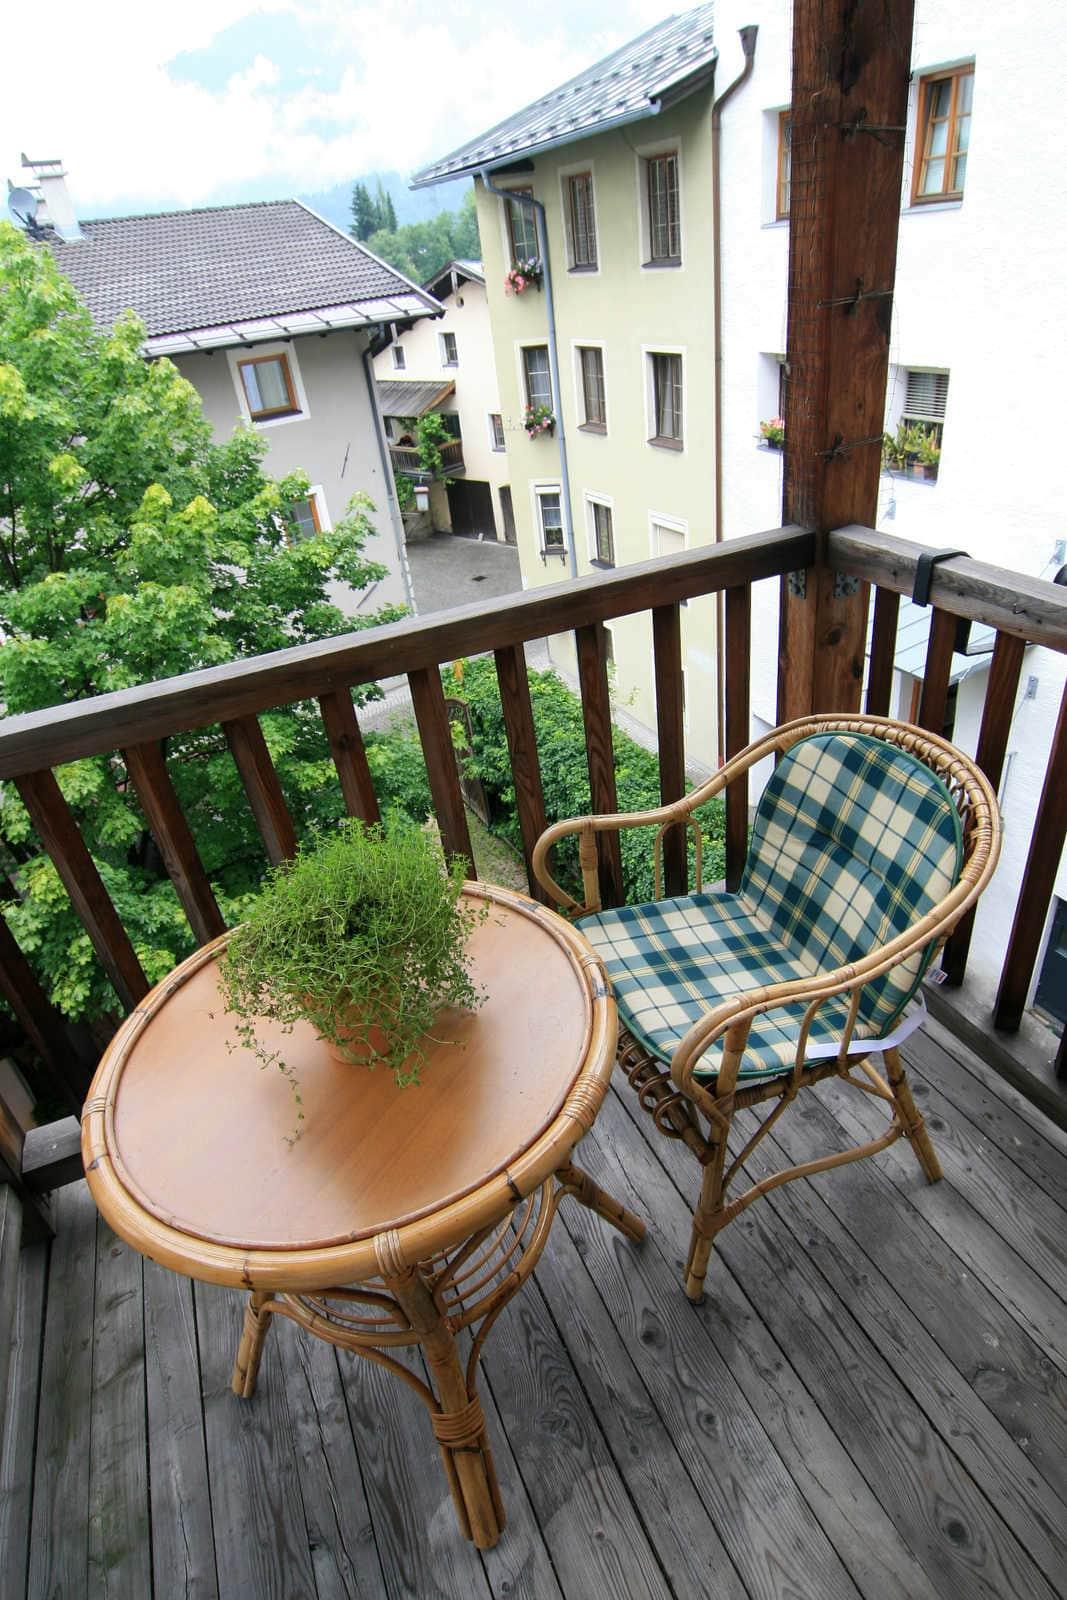 Ansprechend Mini Balkon Dekoration Von Mini-balkon